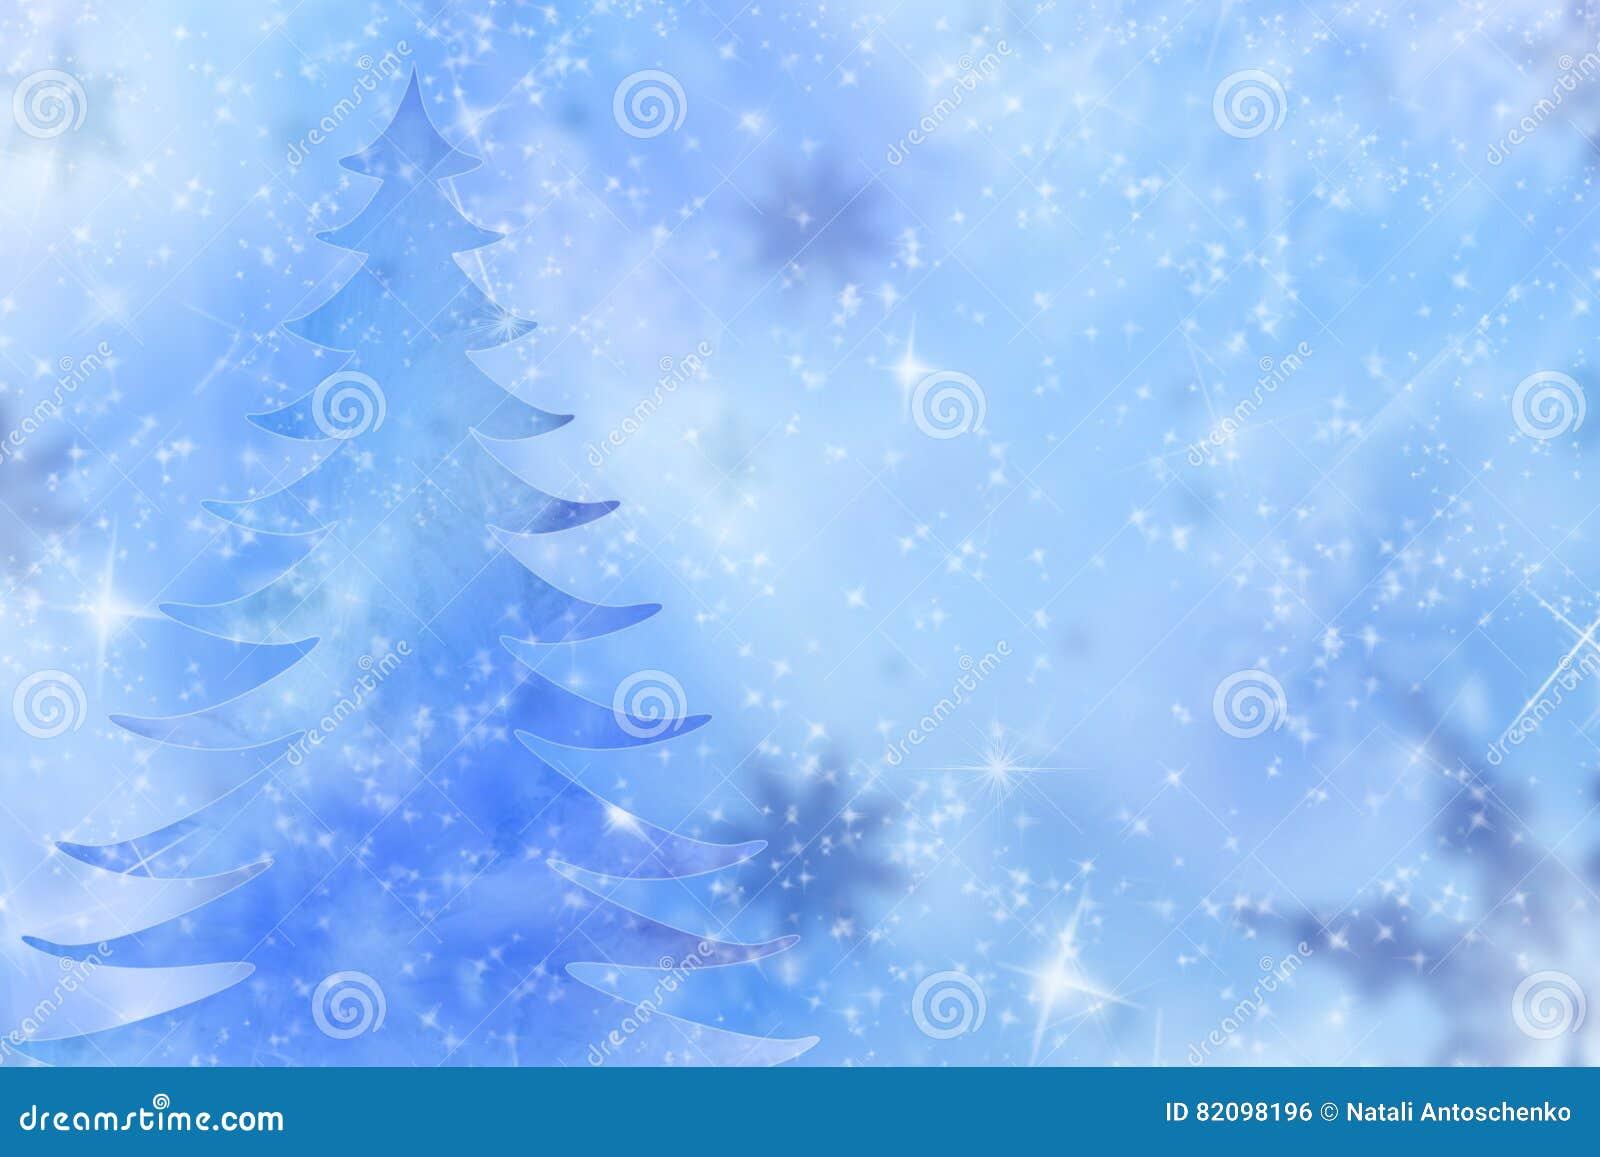 xmas tree stock photo. image of 2017, season, postcard - 82098196